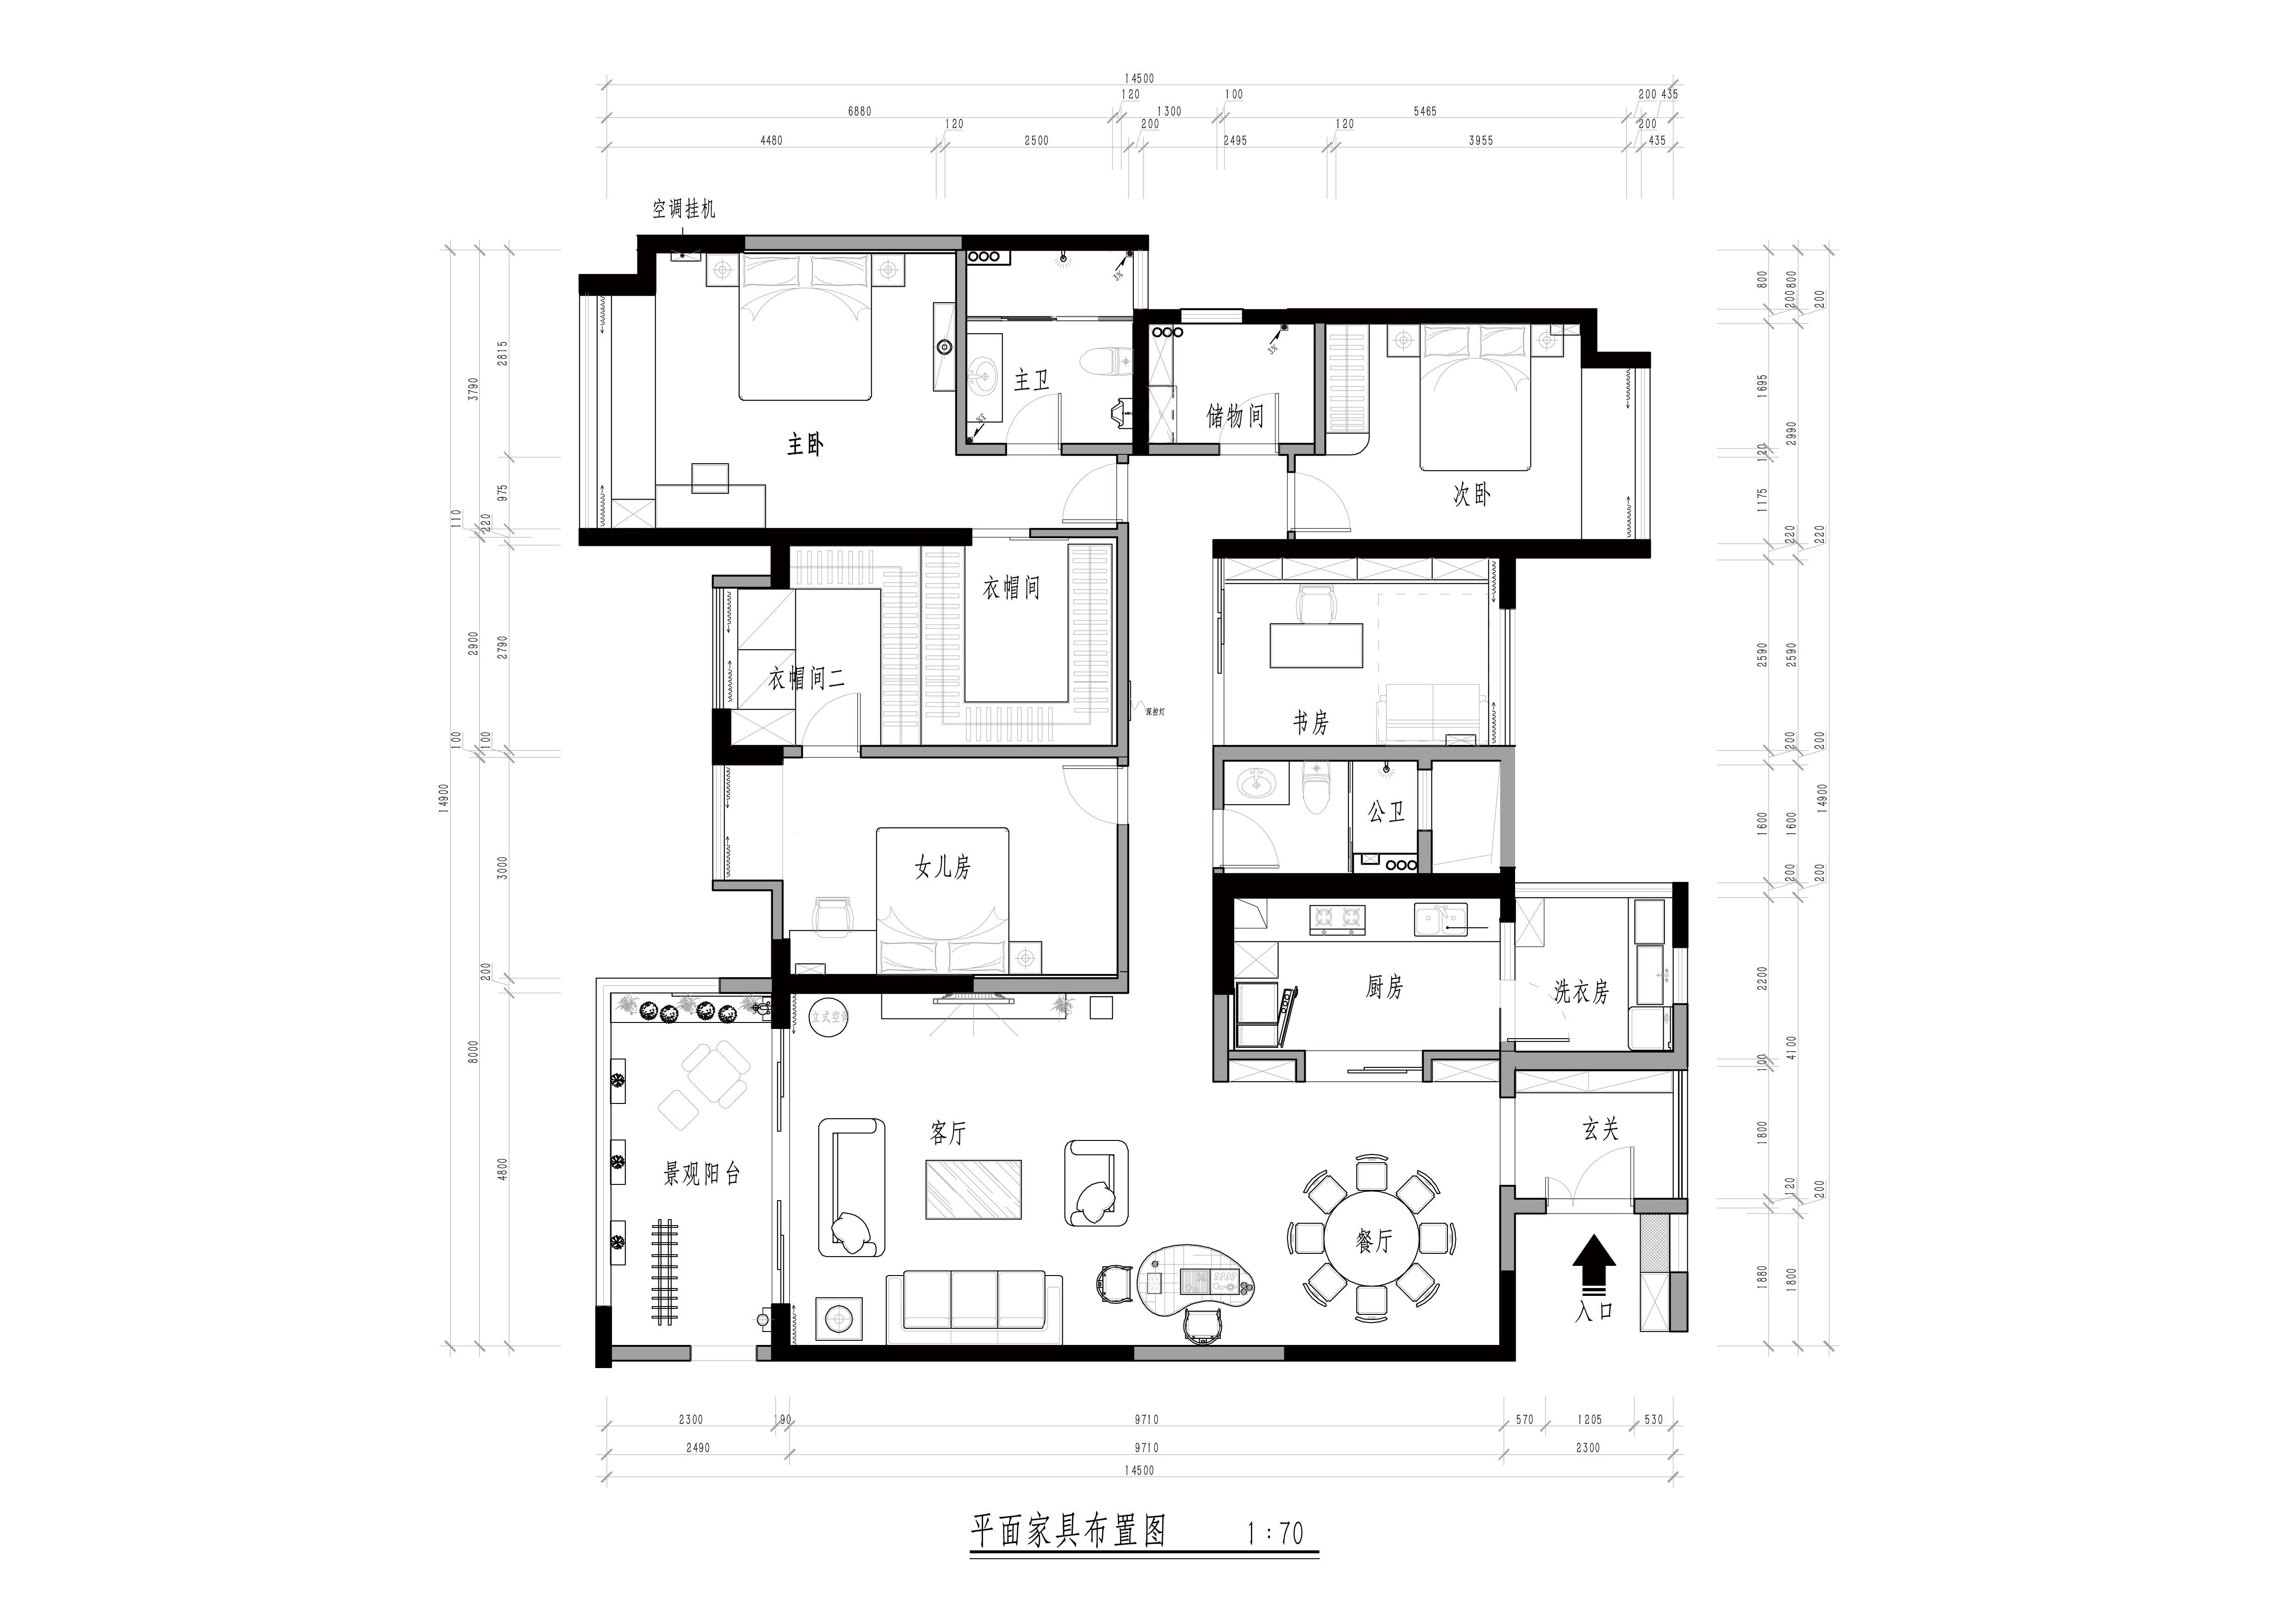 南城鼎峰源著装修效果图-199㎡简美四房二厅装修案例装修设计理念